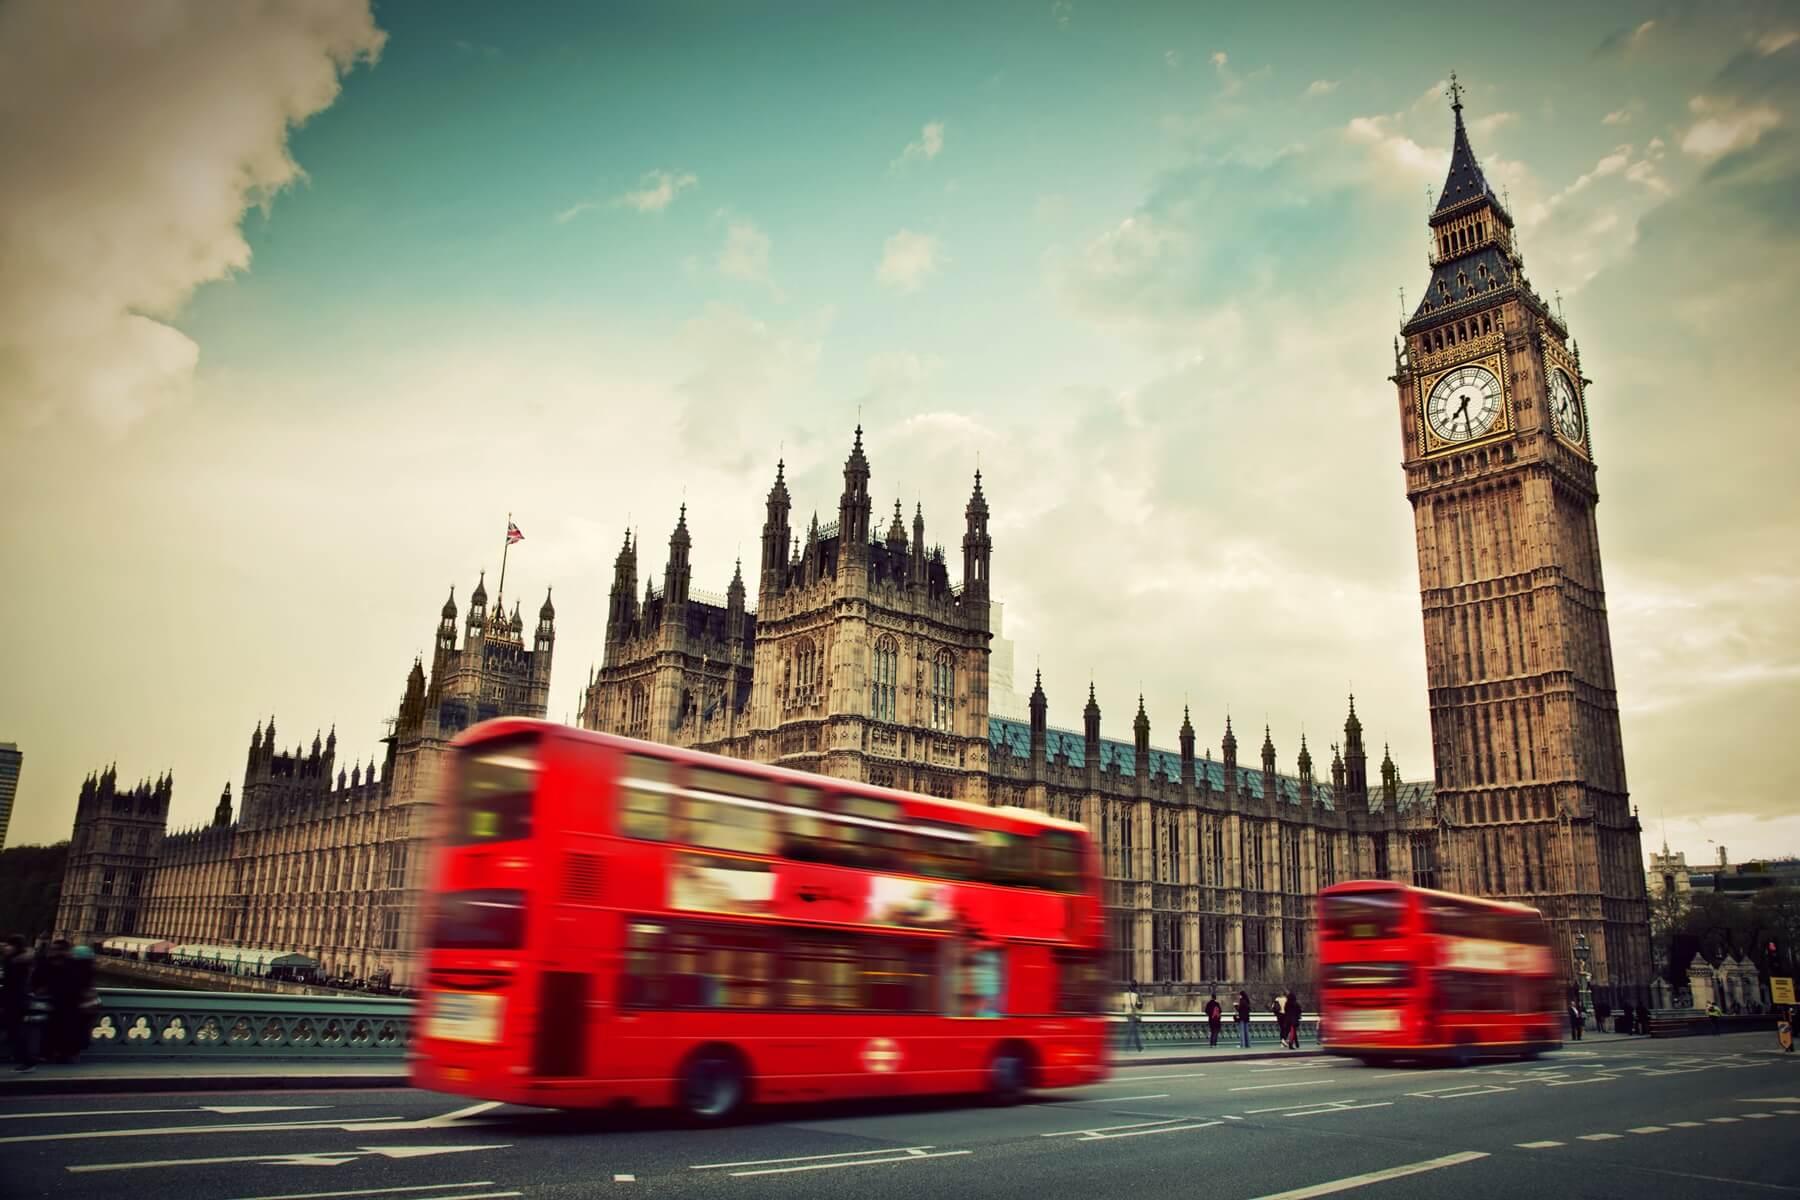 Les transports à Londres : comment se déplacer ?